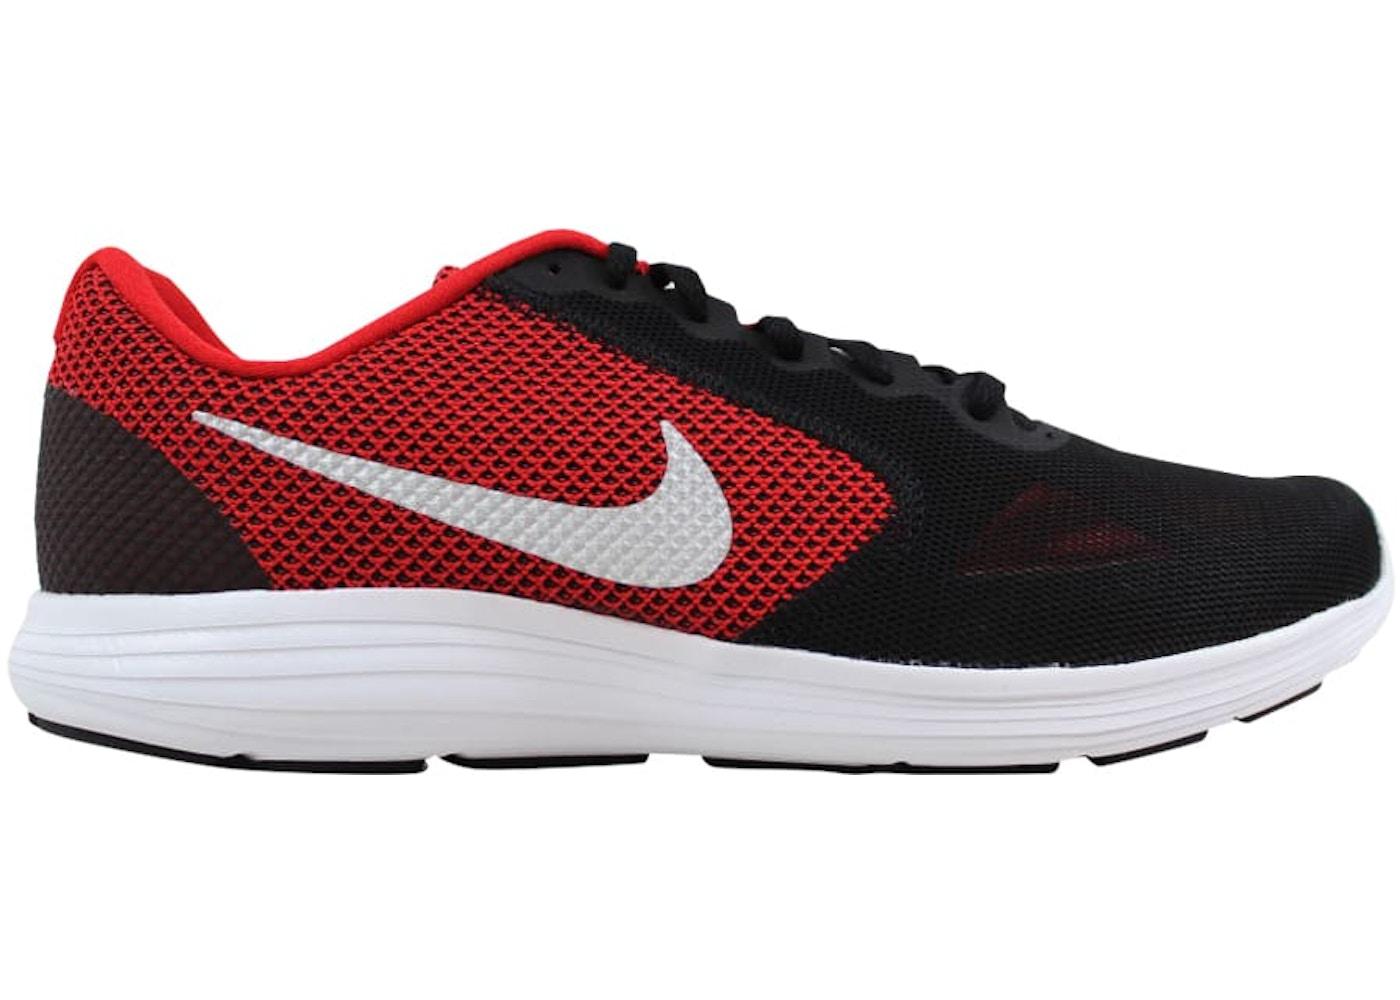 moins cher 49e59 7244d Nike Revolution 3 University Red/Metallic Silver